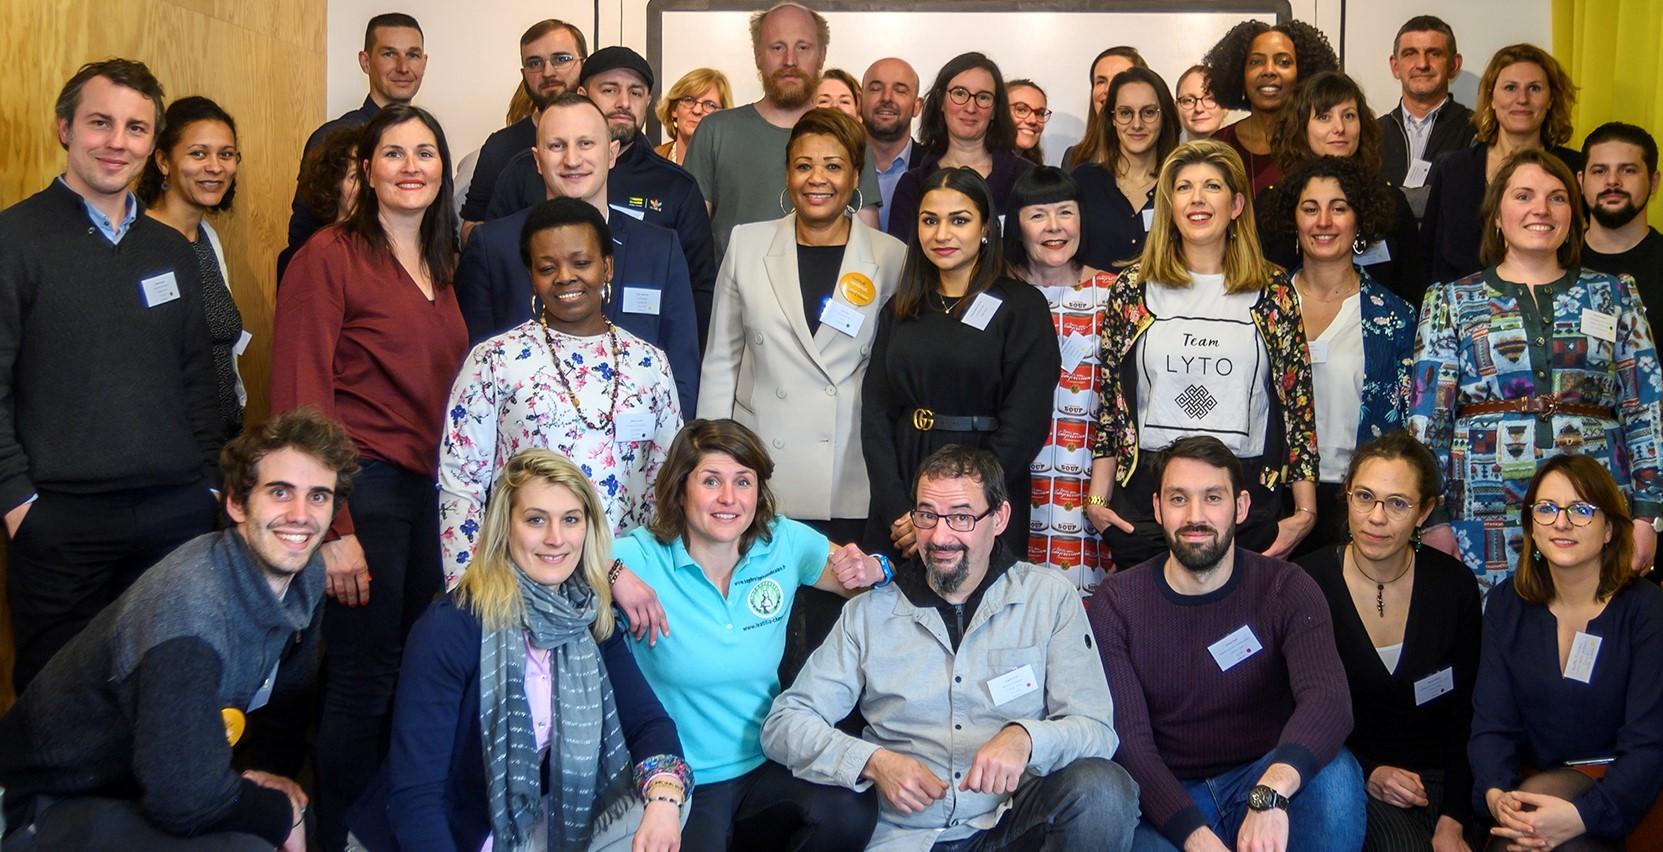 Prix Institut Randstad, Photo de groupe des 27 finalistes des CAE des Hauts-de-France